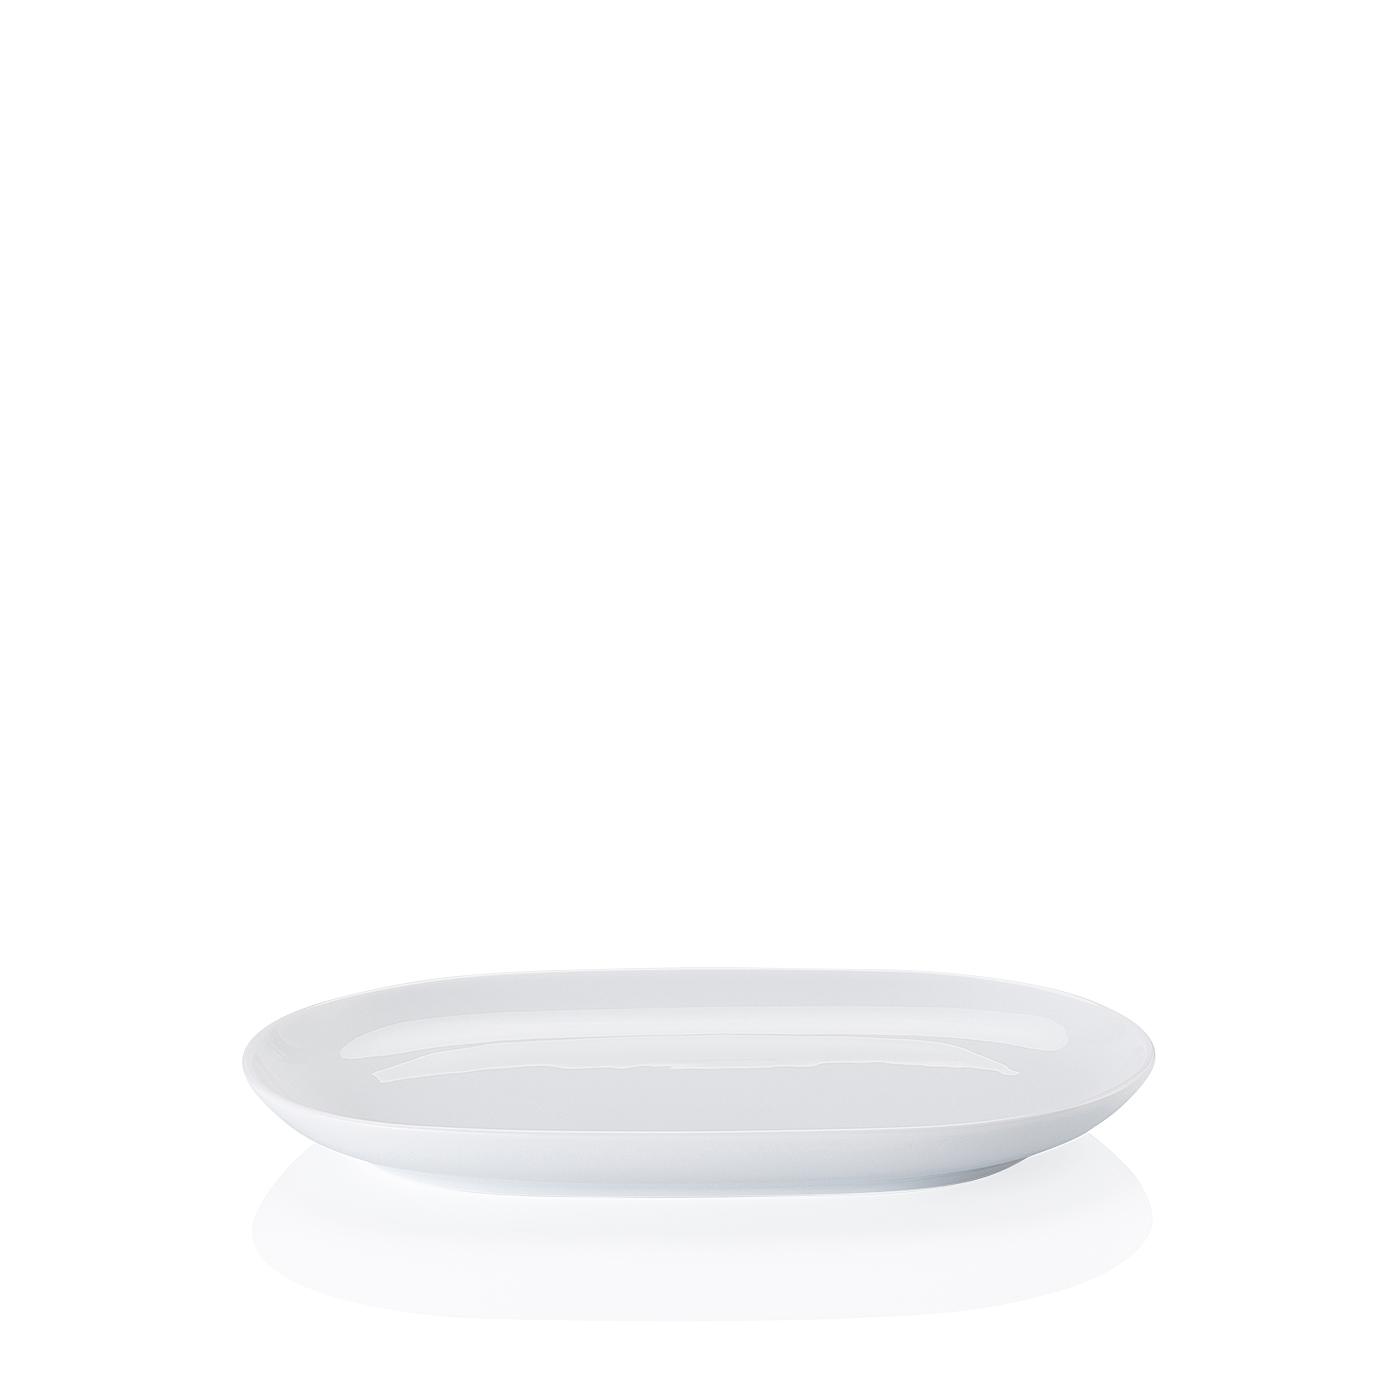 Beilagenplatte Cucina Bianca Arzberg